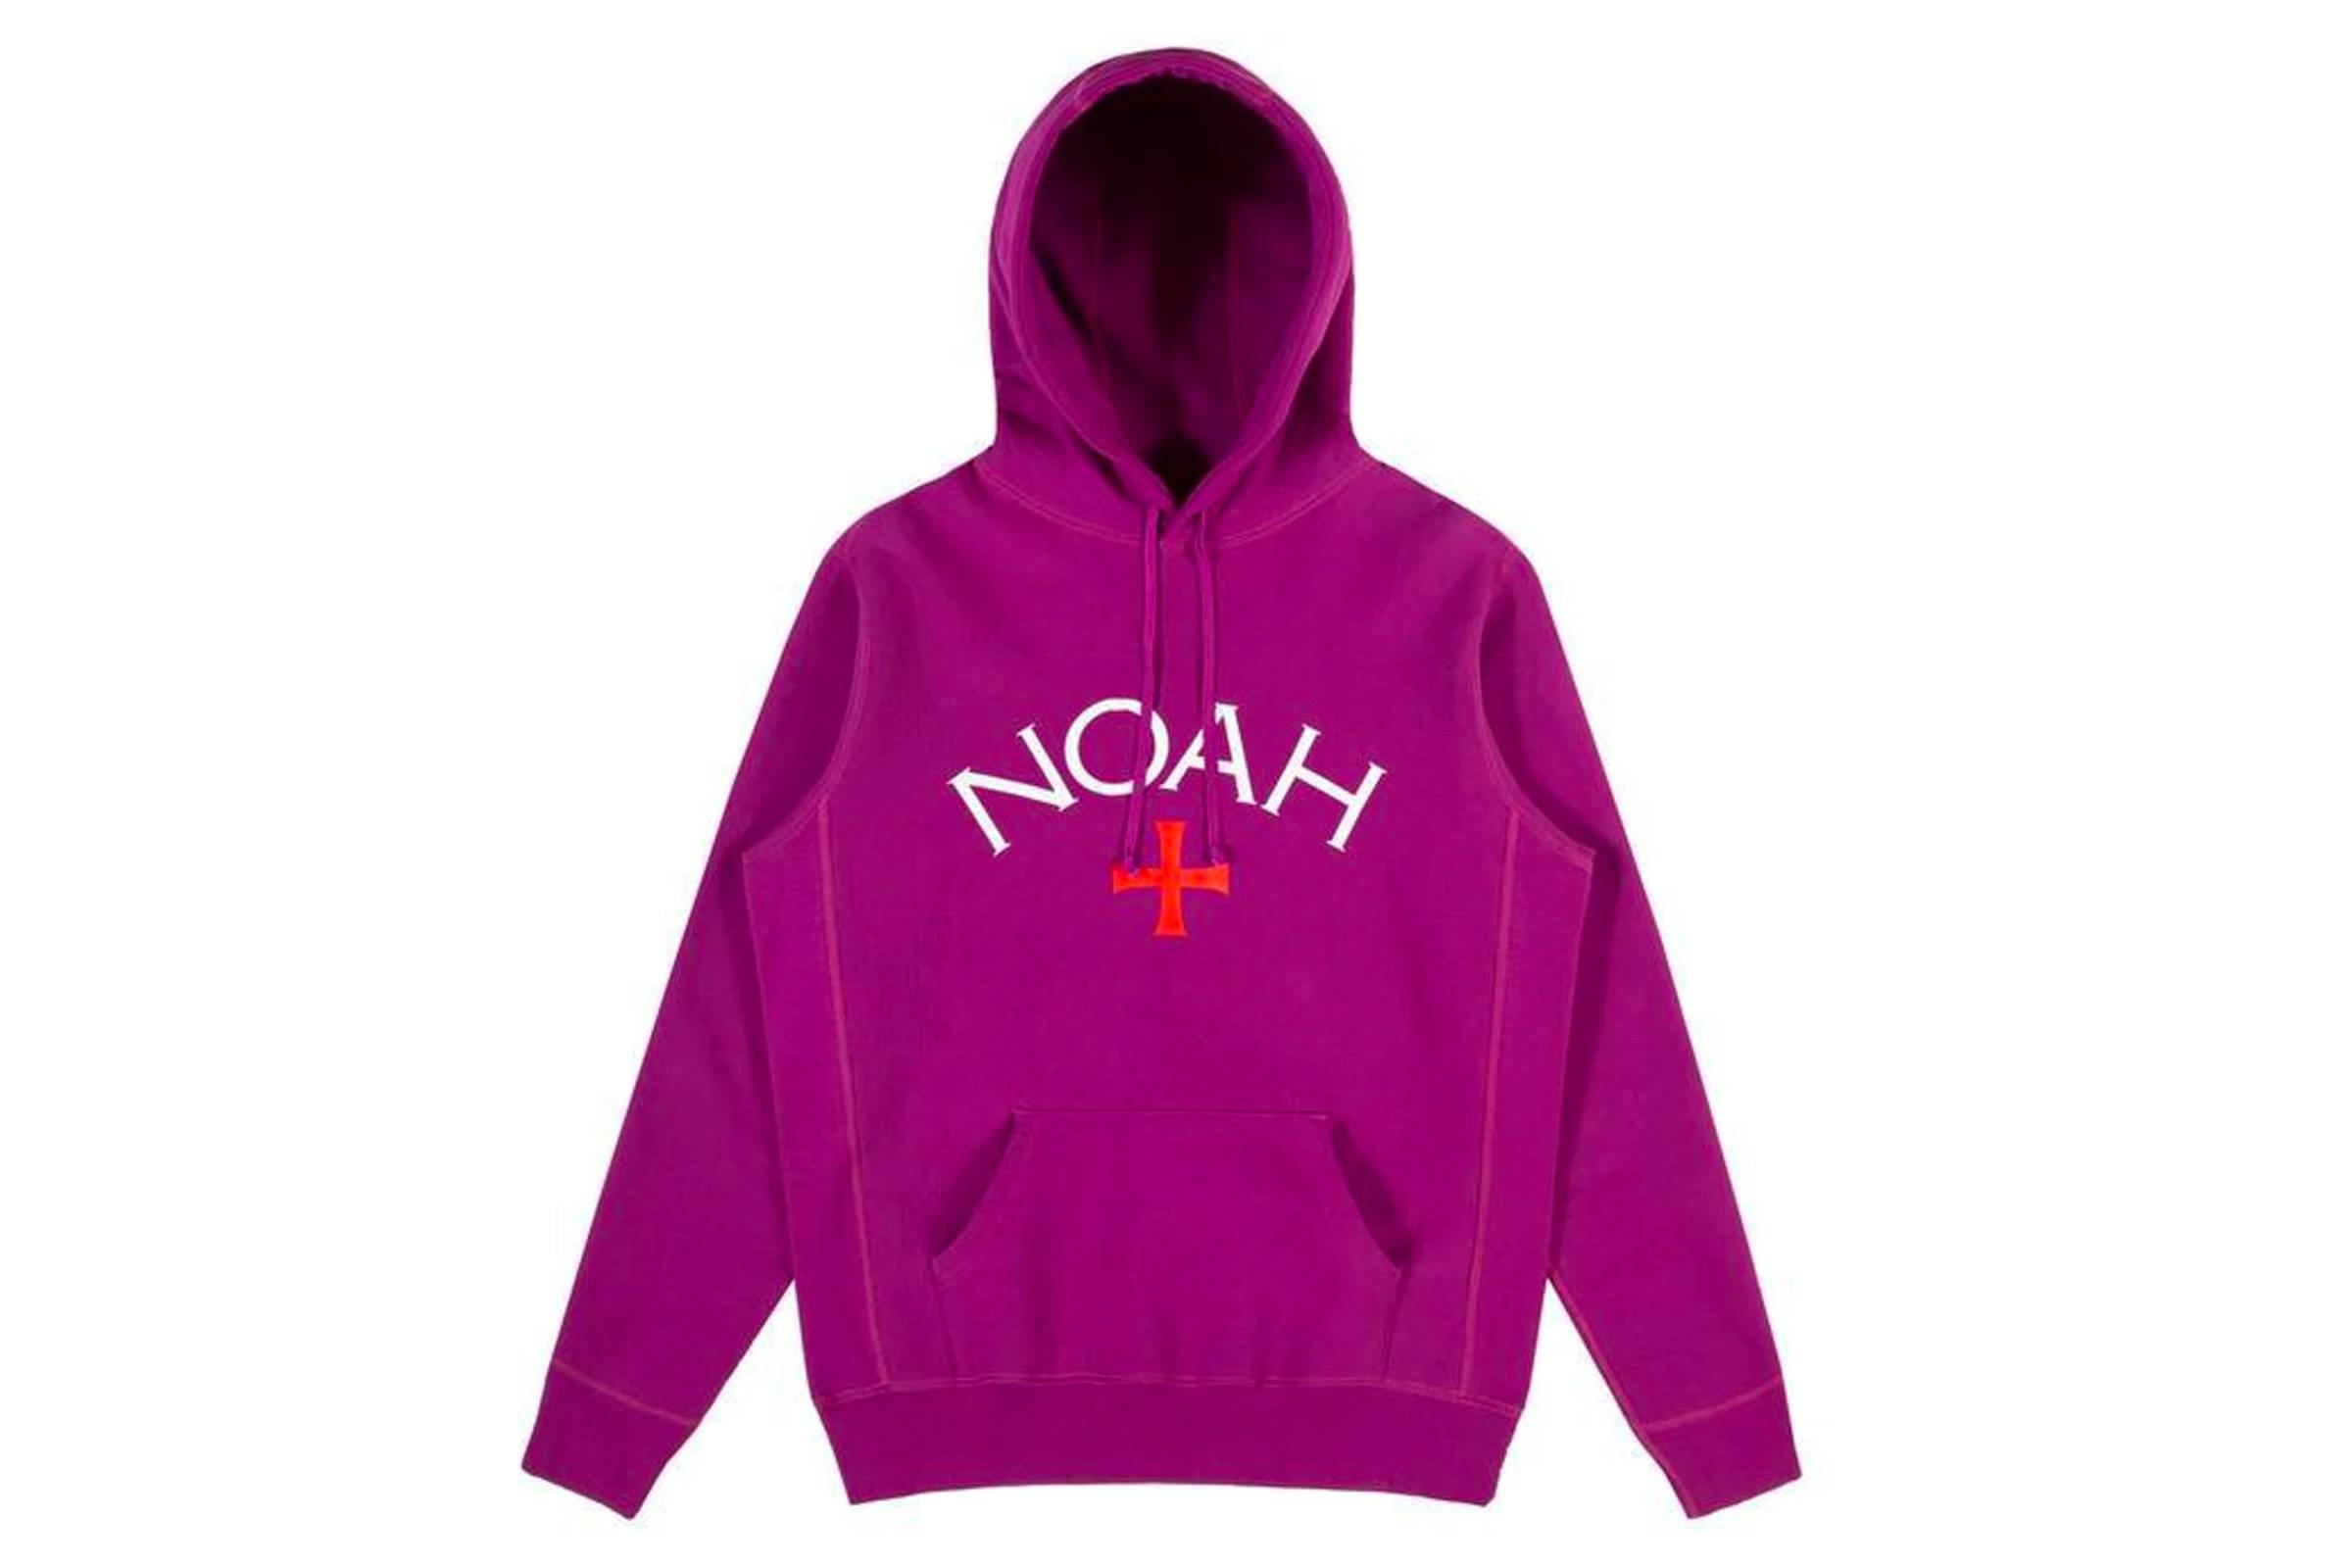 8. Noah